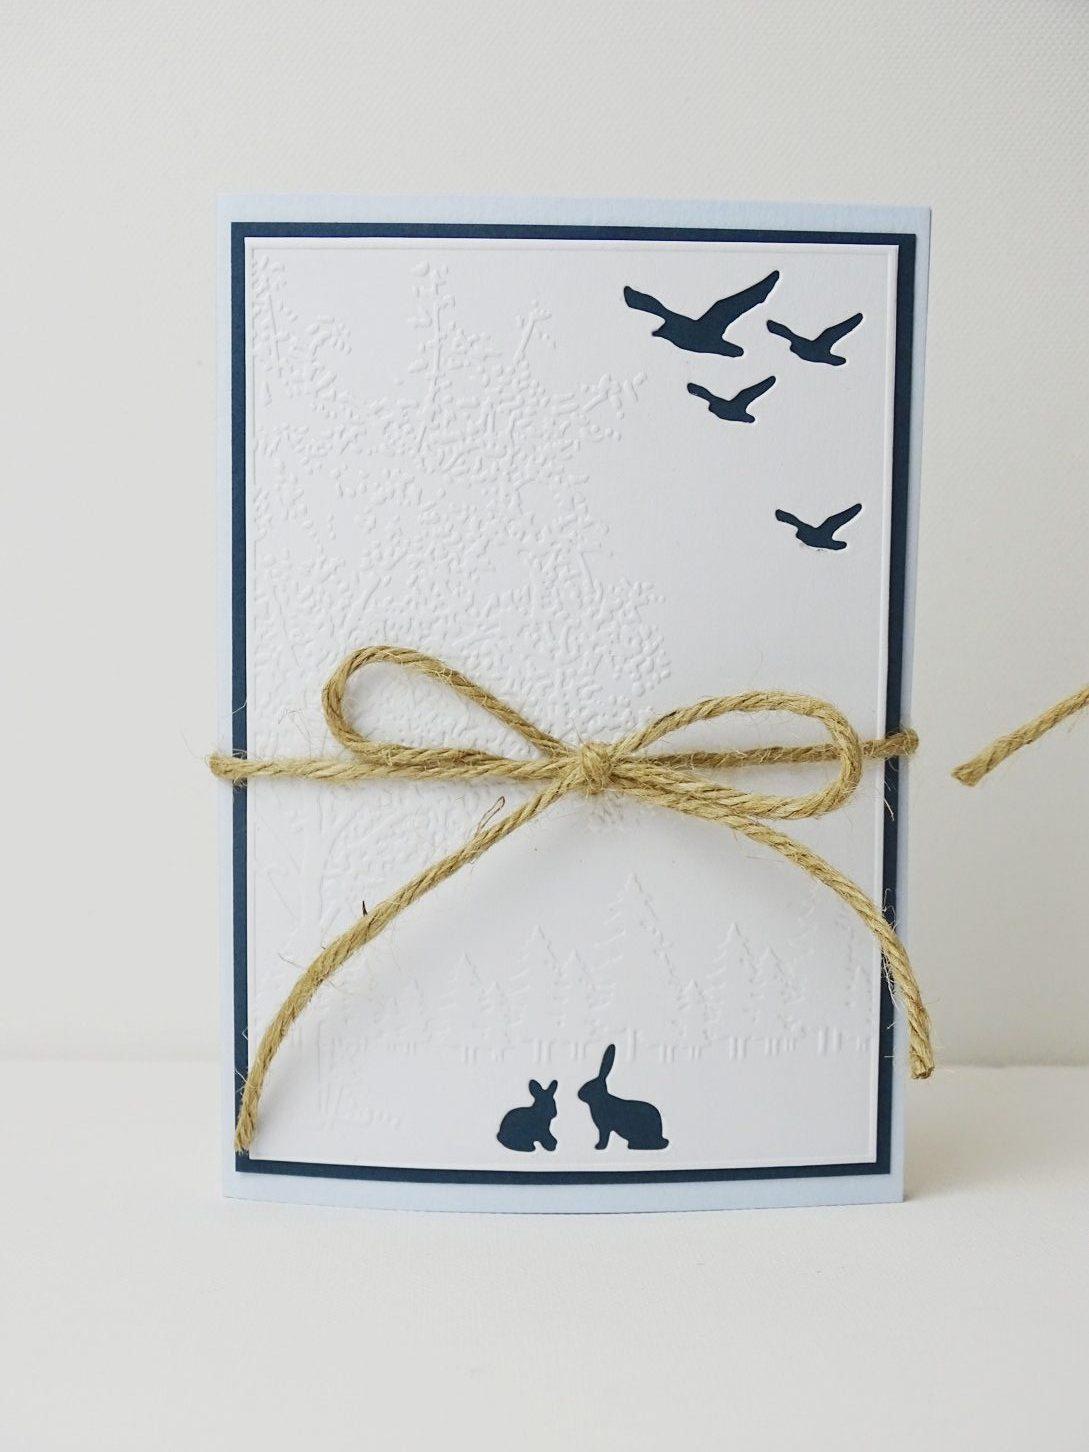 Weihnachtskarten mit der Sizzix Präge- und Stanzmaschine machen - Ideen für einfach Weihnachtskarten